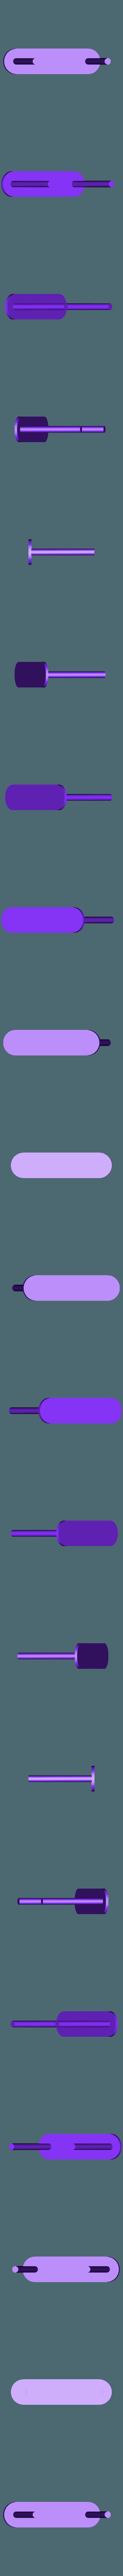 Stringing_Test2.STL Télécharger fichier STL gratuit Ultimate Stringing Test • Plan imprimable en 3D, 3D_Cre8or